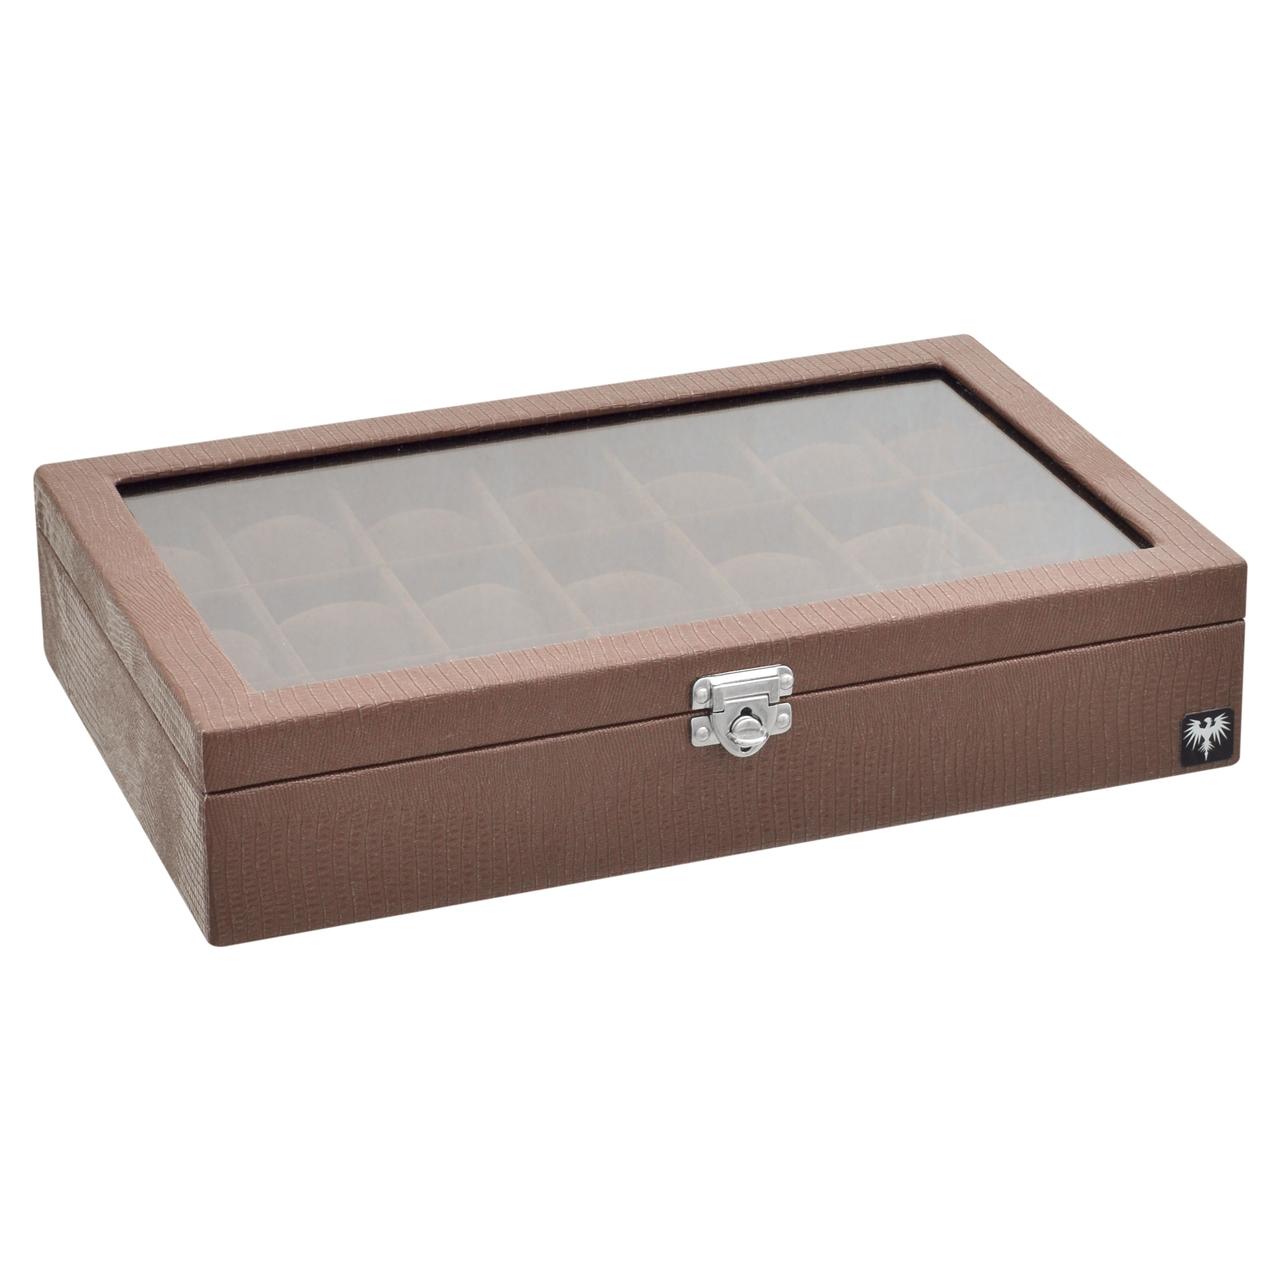 estojo-couro-ecologico-21-relogios-marrom-marrom-porta-caixa-imagem-5.jpg